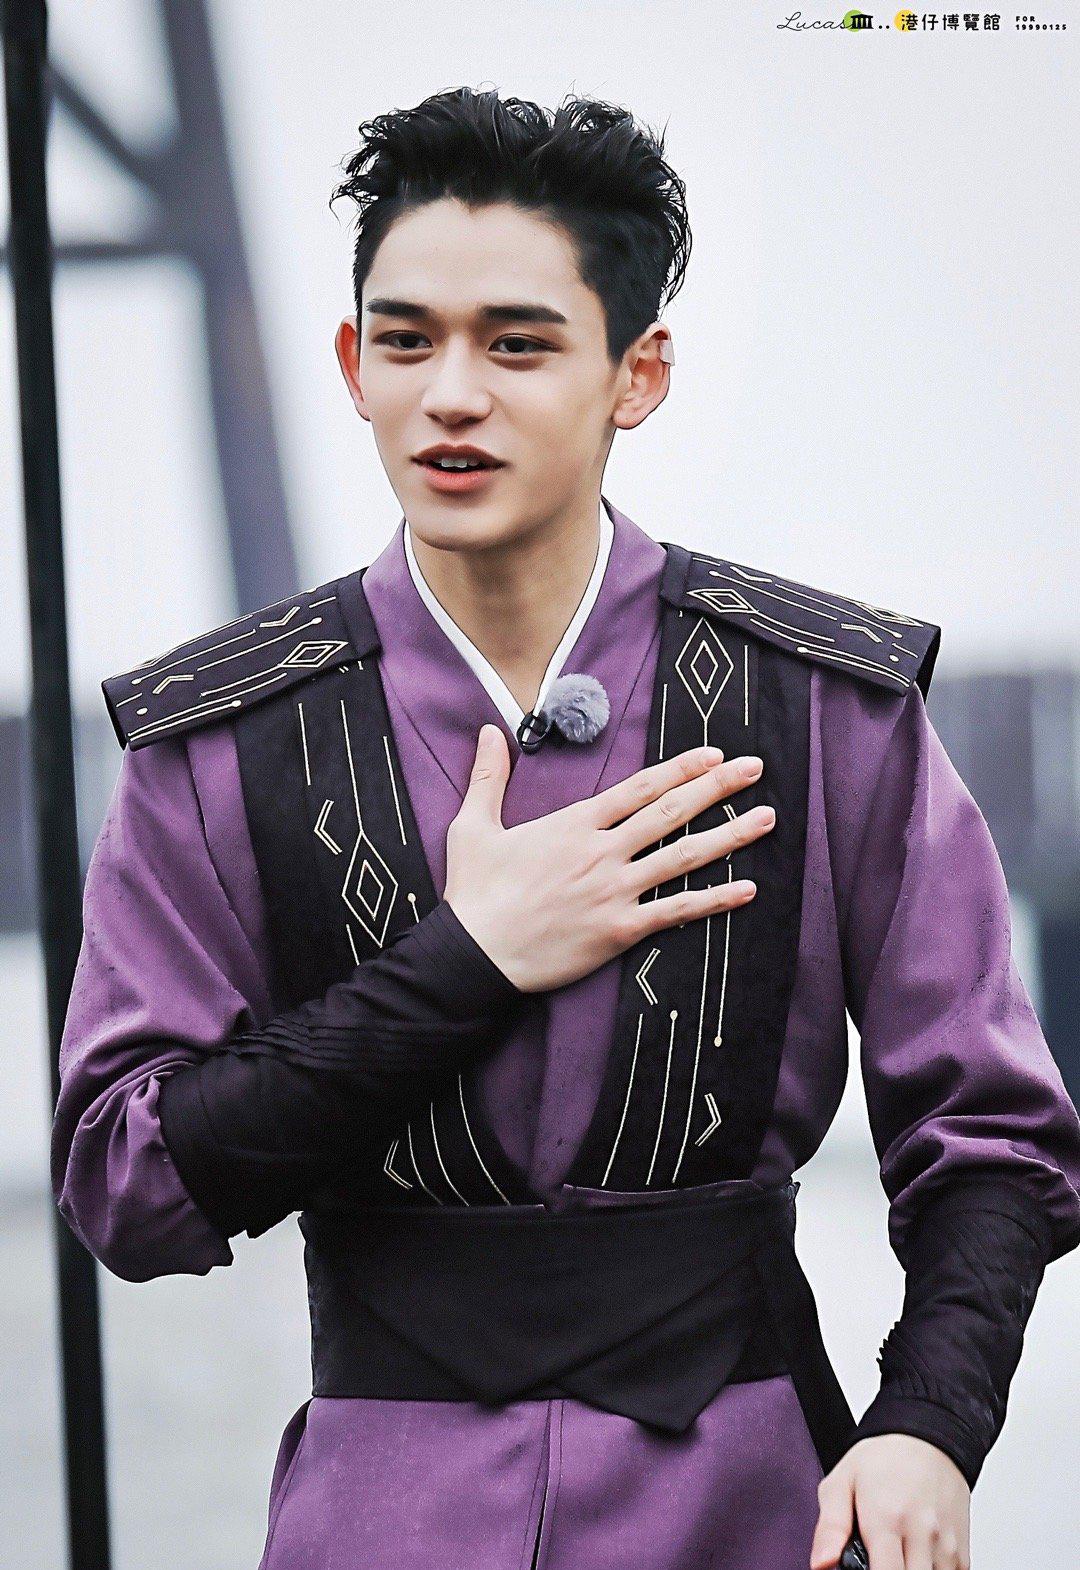 Lucas vừa xác nhận là thành viên chính thức của Running Man phiên bản Trung Quốc. Mỹ nam nhà SM được khen sở hữu thân hình chuẩn như người mẫu, đường nét gương mặt sắc sảo, mạnh mẽ.